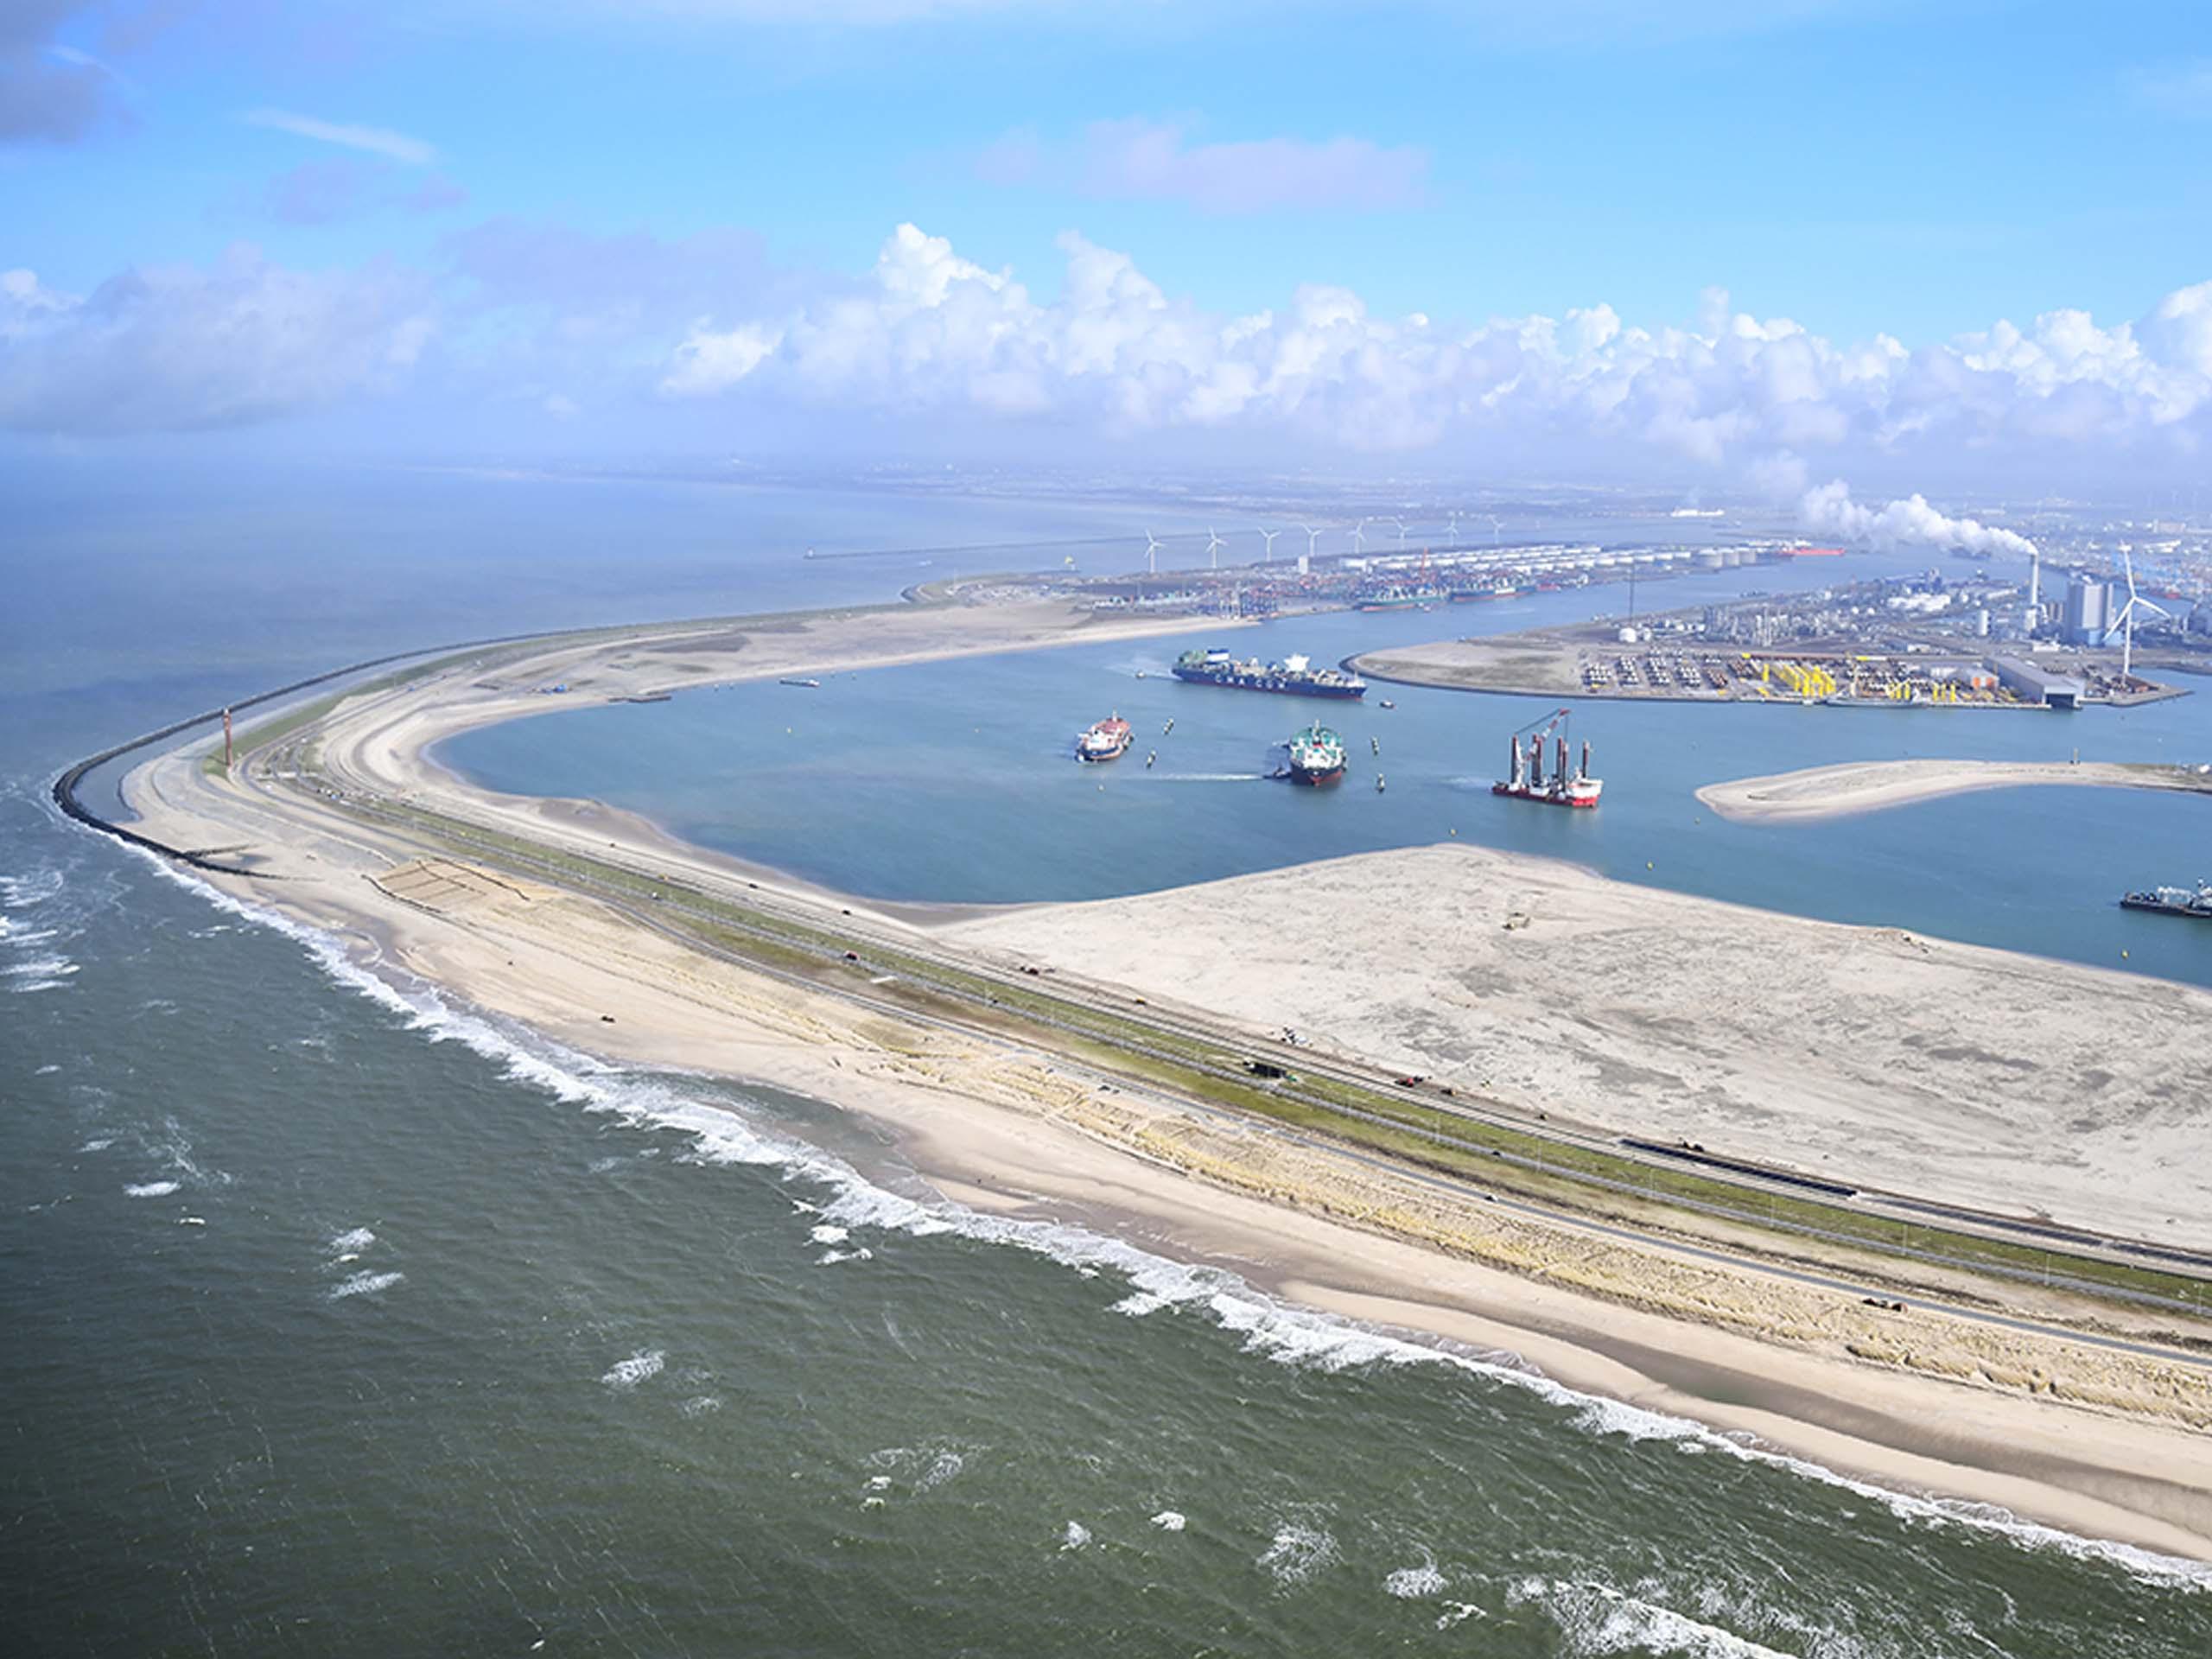 Windpark Maasvlakte 2